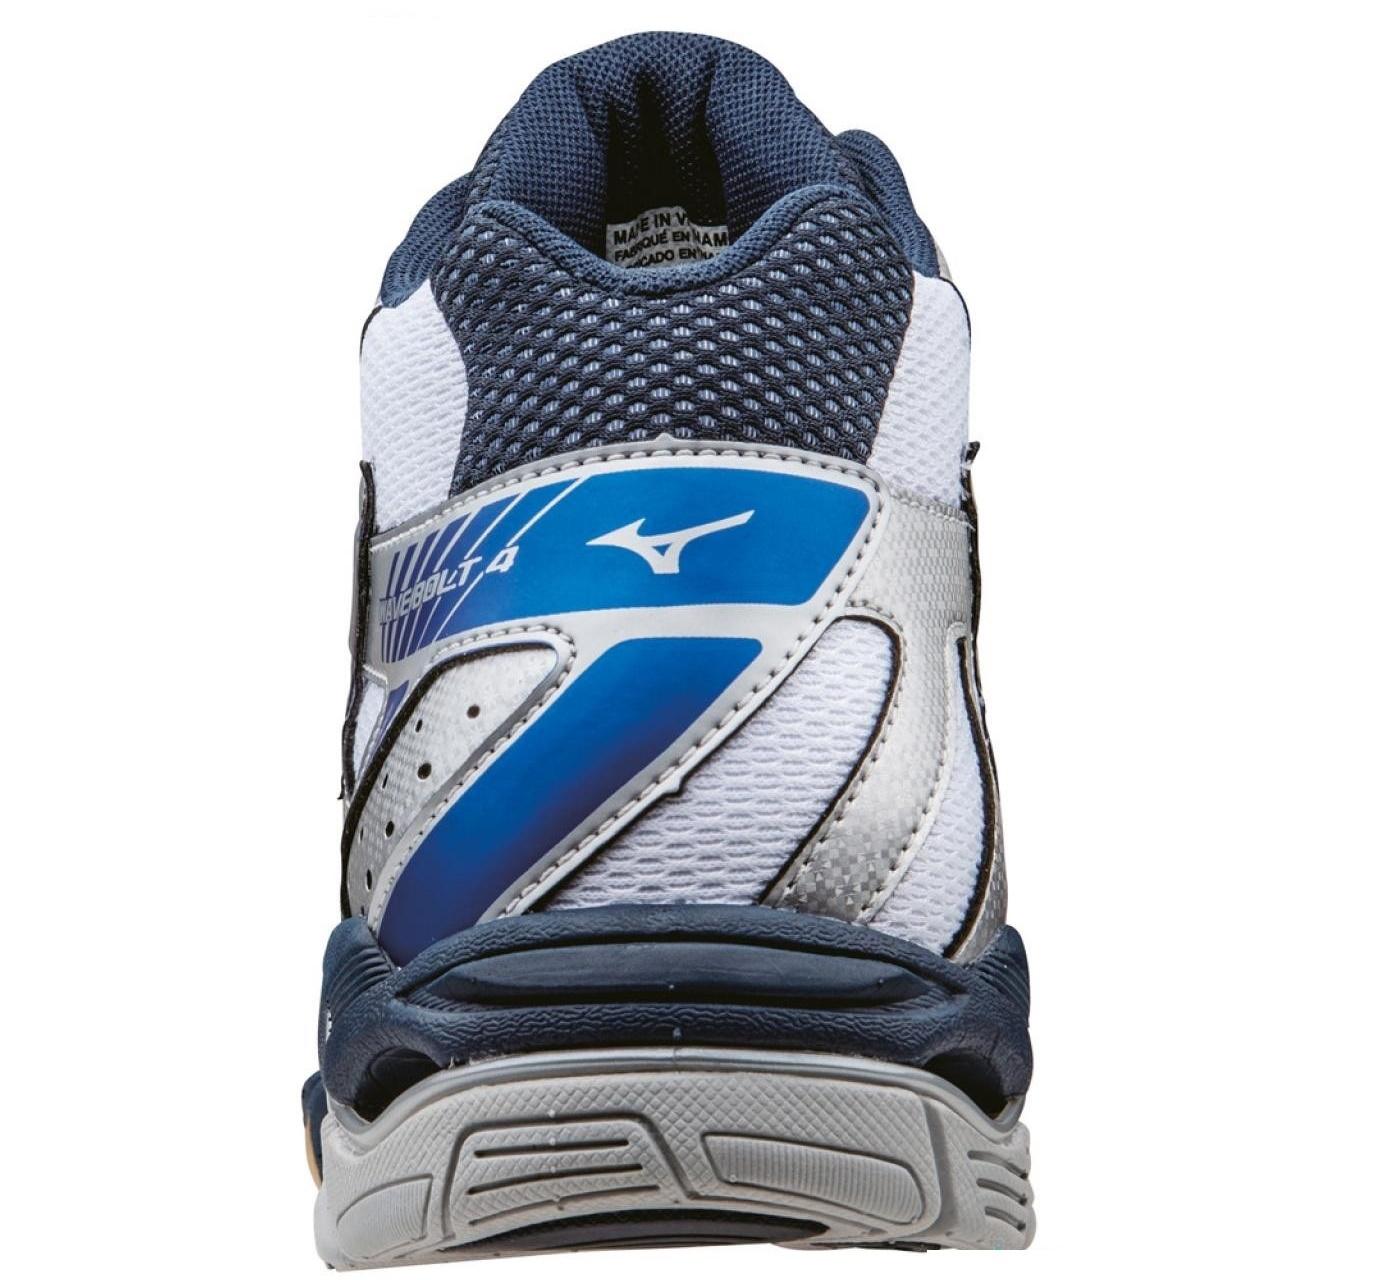 Мужские высокие волейбольные кроссовки Mizuno Wave Bolt 4 Mid (V1GA1565 24) фото